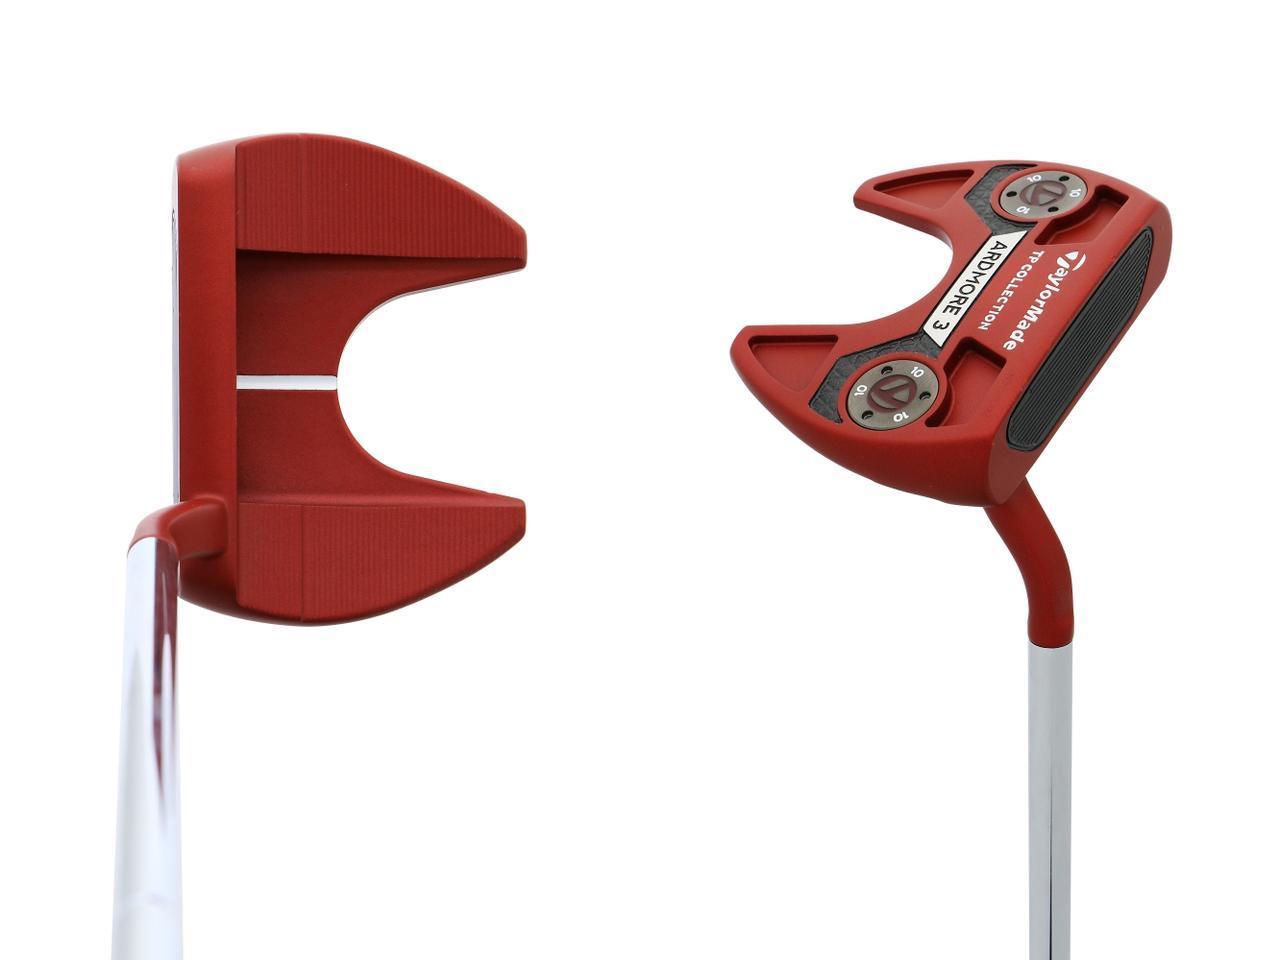 画像: タイガーが手にしたモデルと同型のテーラーメイド「TPコレクション レッド アードモア3」2本のツノが特徴的なマレット型パターだ